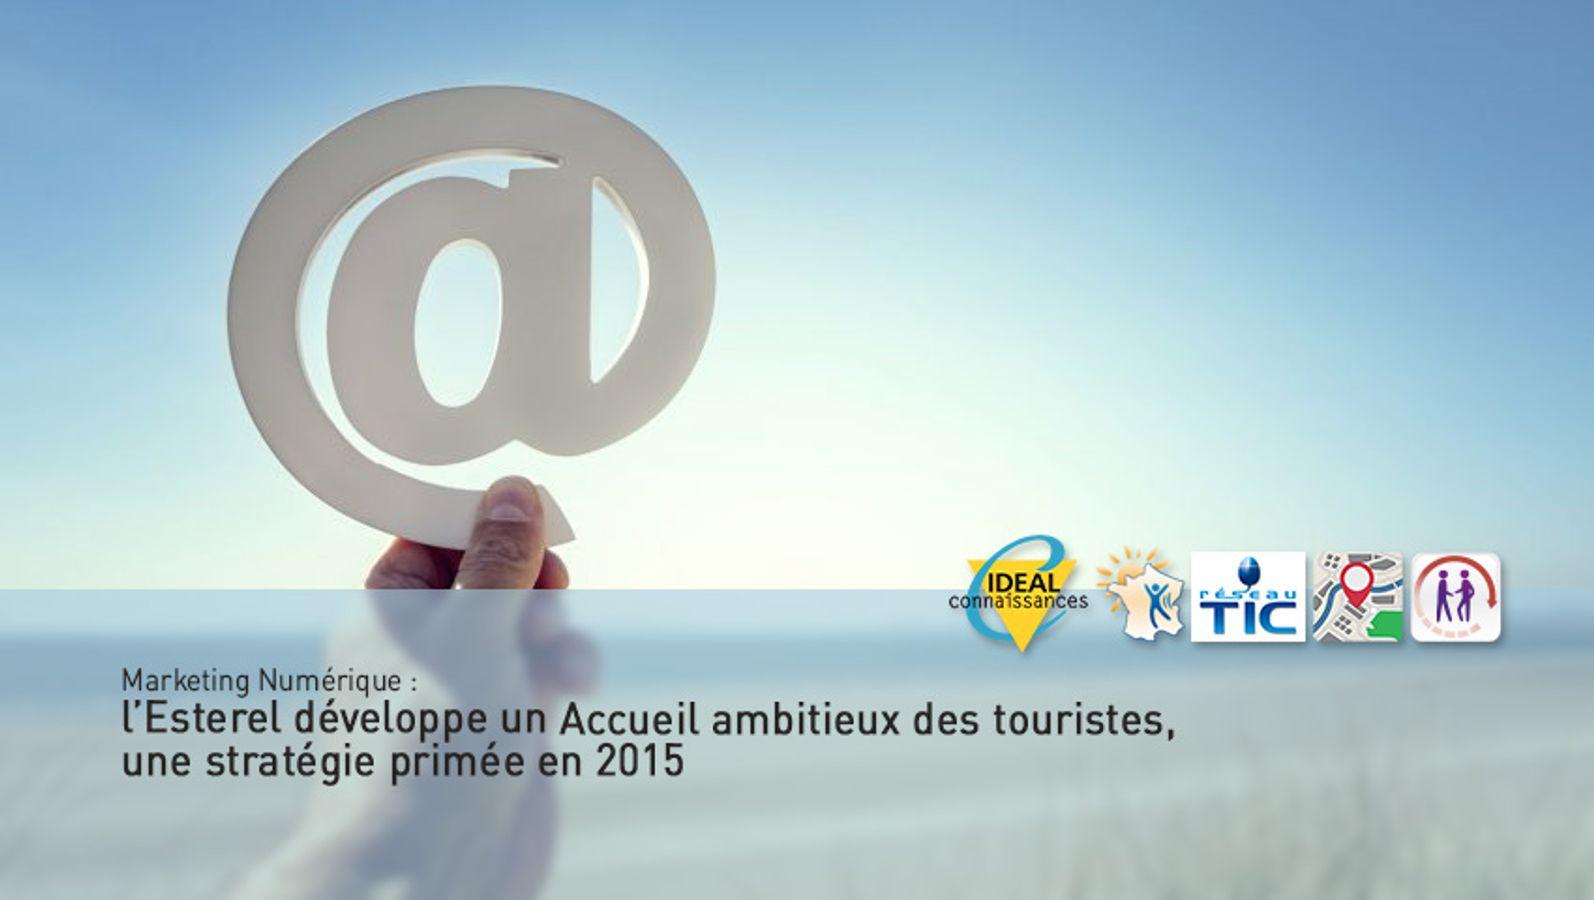 Marketing Numérique : l'Esterel développe un Accueil ambitieux des touristes, une stratégie primée en 2015